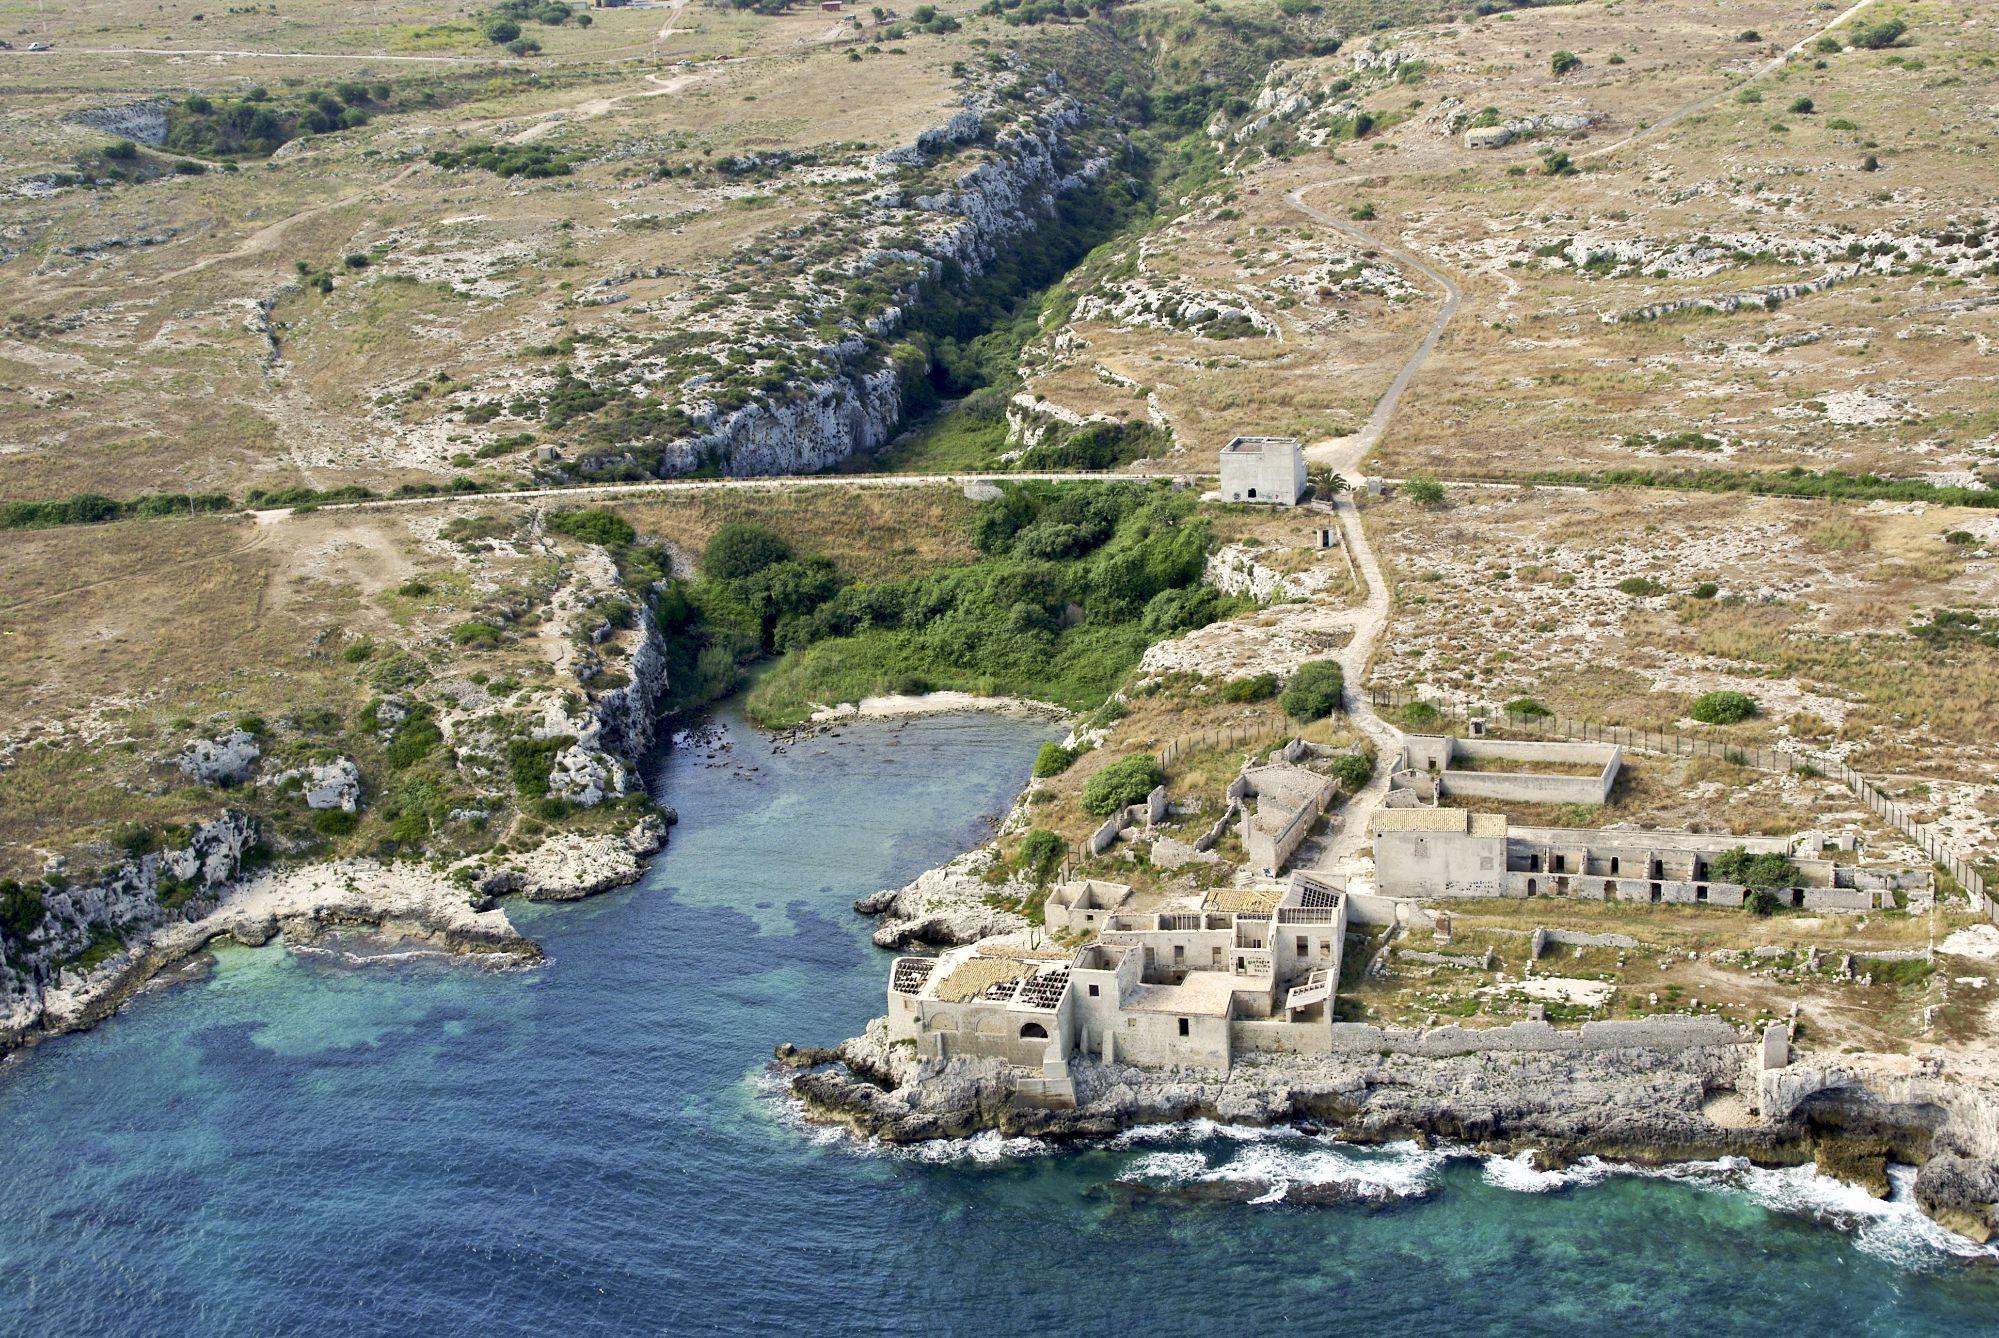 Sicilia gode della migliore reputazione turistica nel Mezzogiorno d'Italia